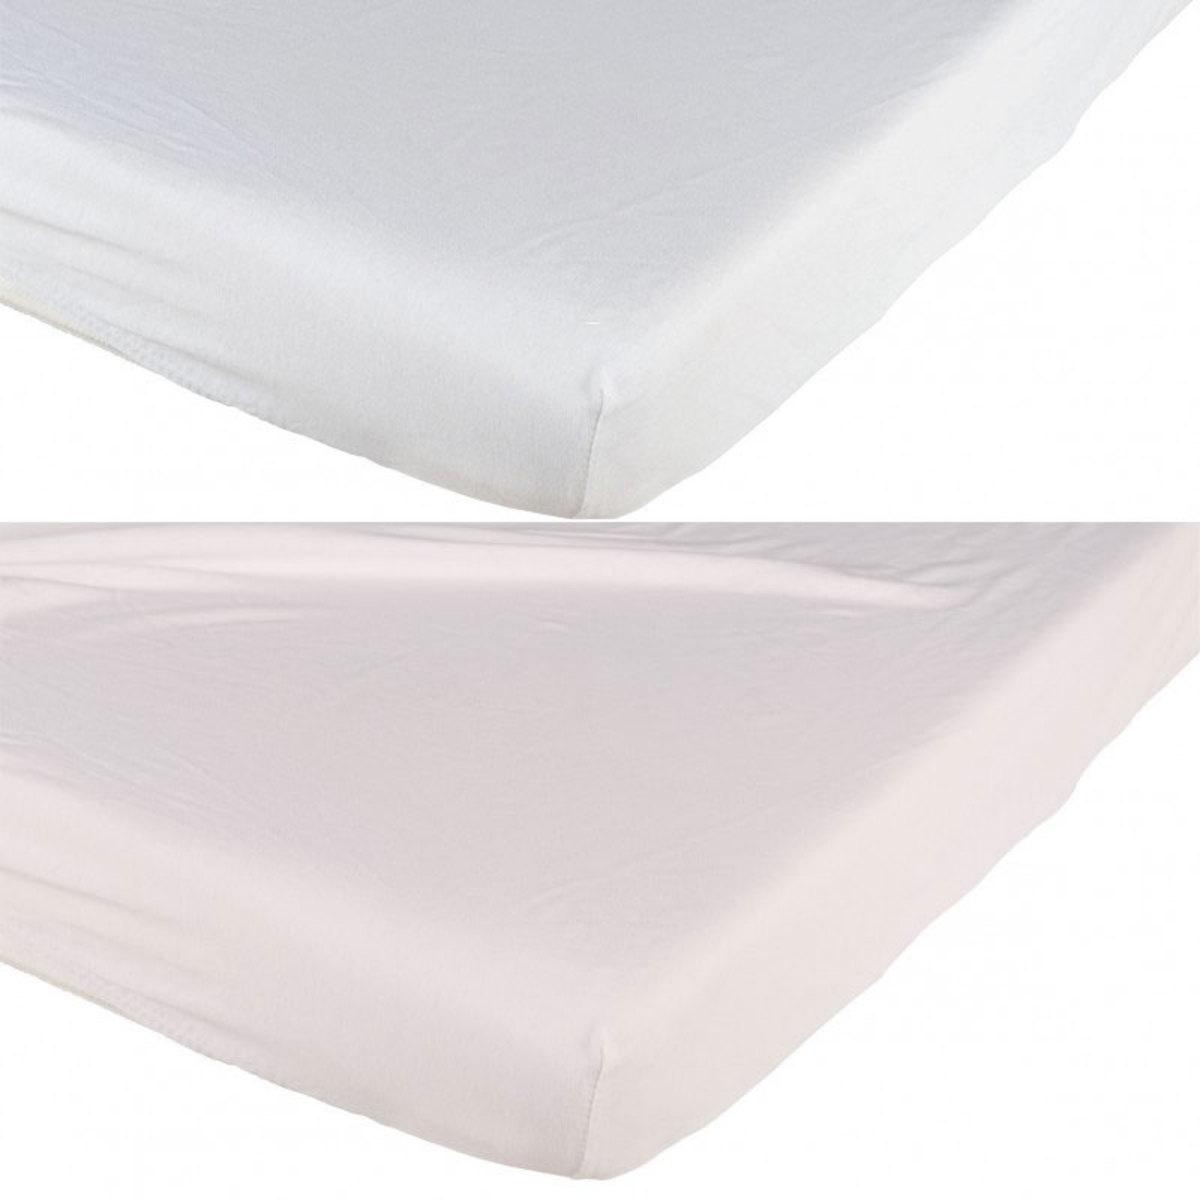 Linge de lit Lot de 2 Draps Housses Blanc et Rose - 70 x 140 cm Lot de 2 Draps Housses Blanc et Rose - 70 x 140 cm